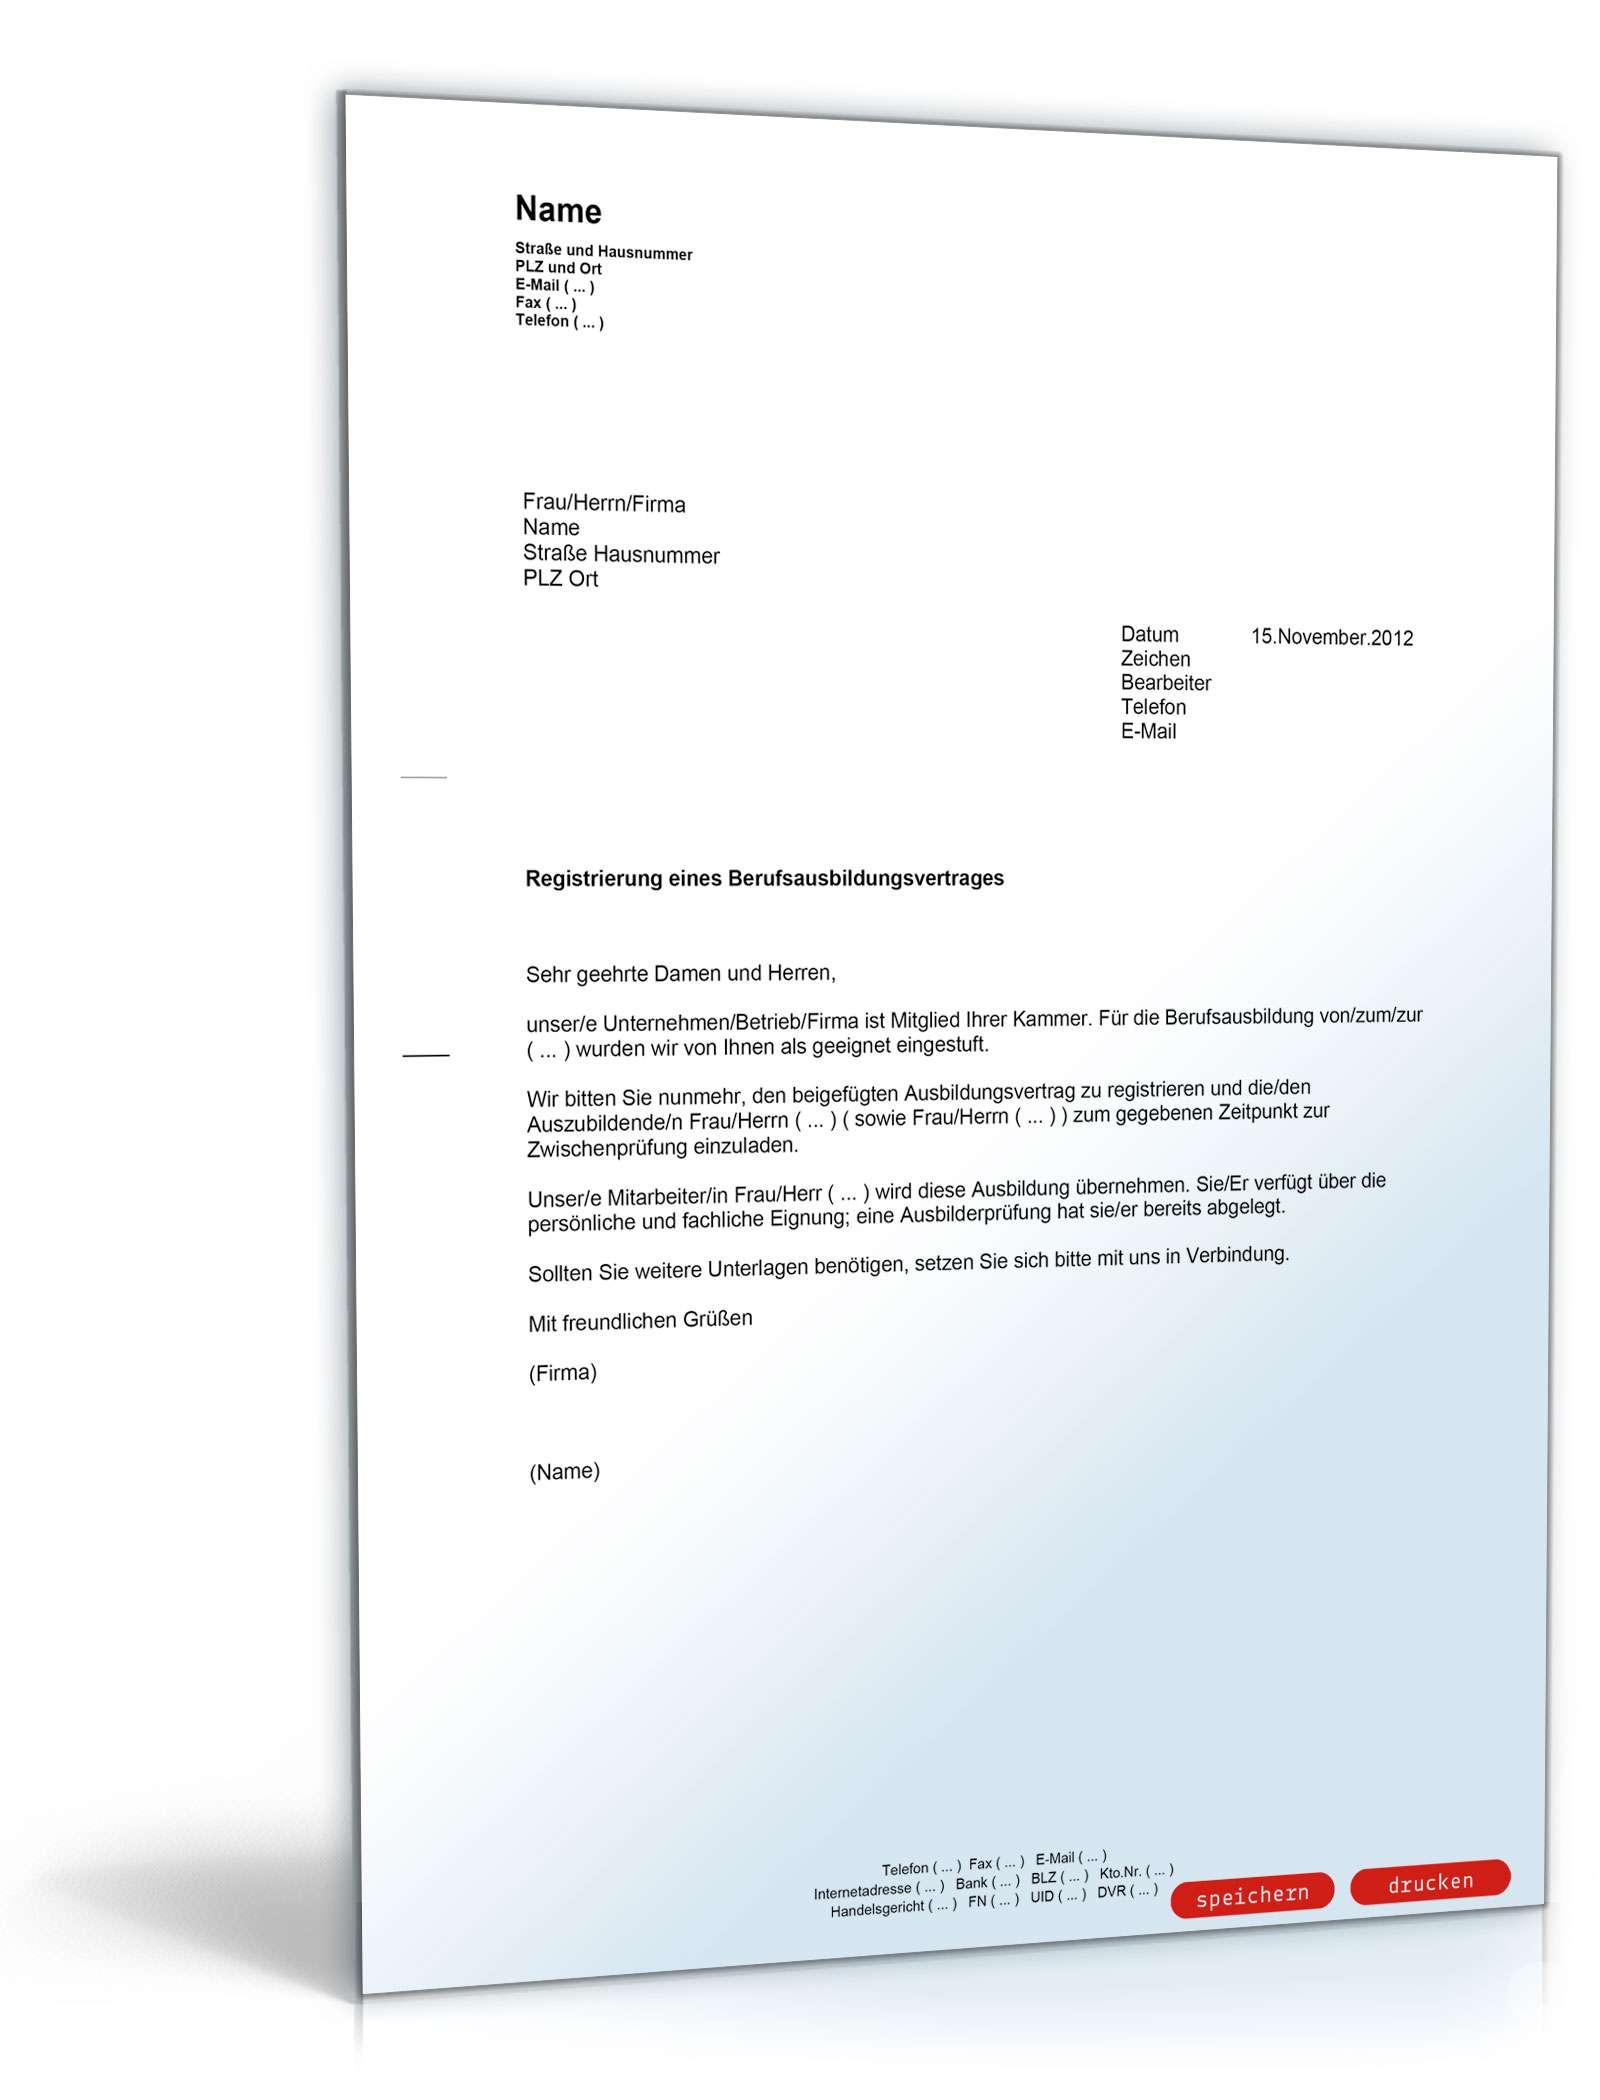 Anmeldung Berufsausbildungsvertrag - Muster-Vorlage zum Download